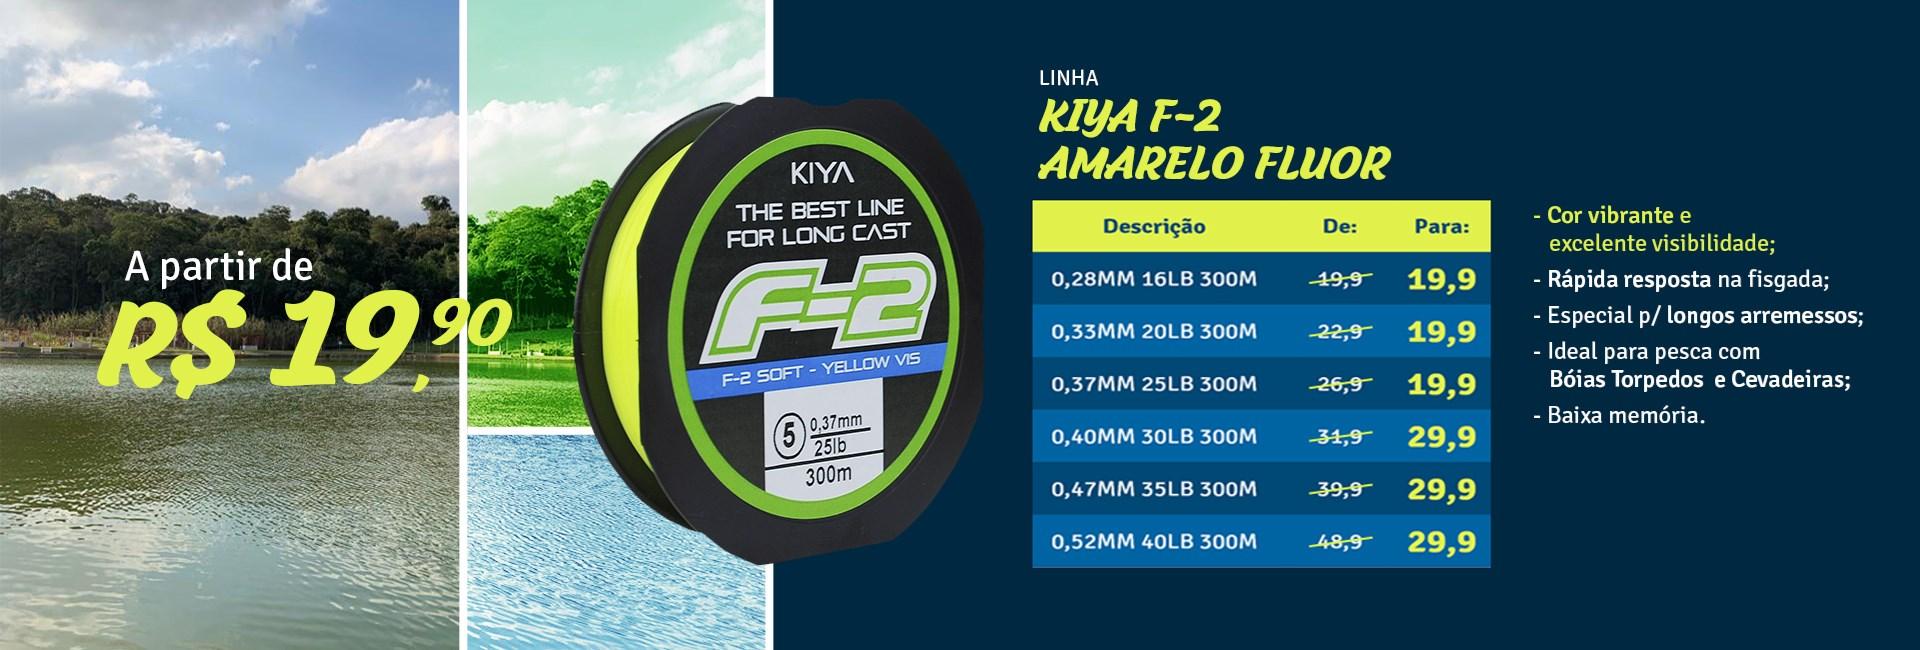 Linha Kiya F-2